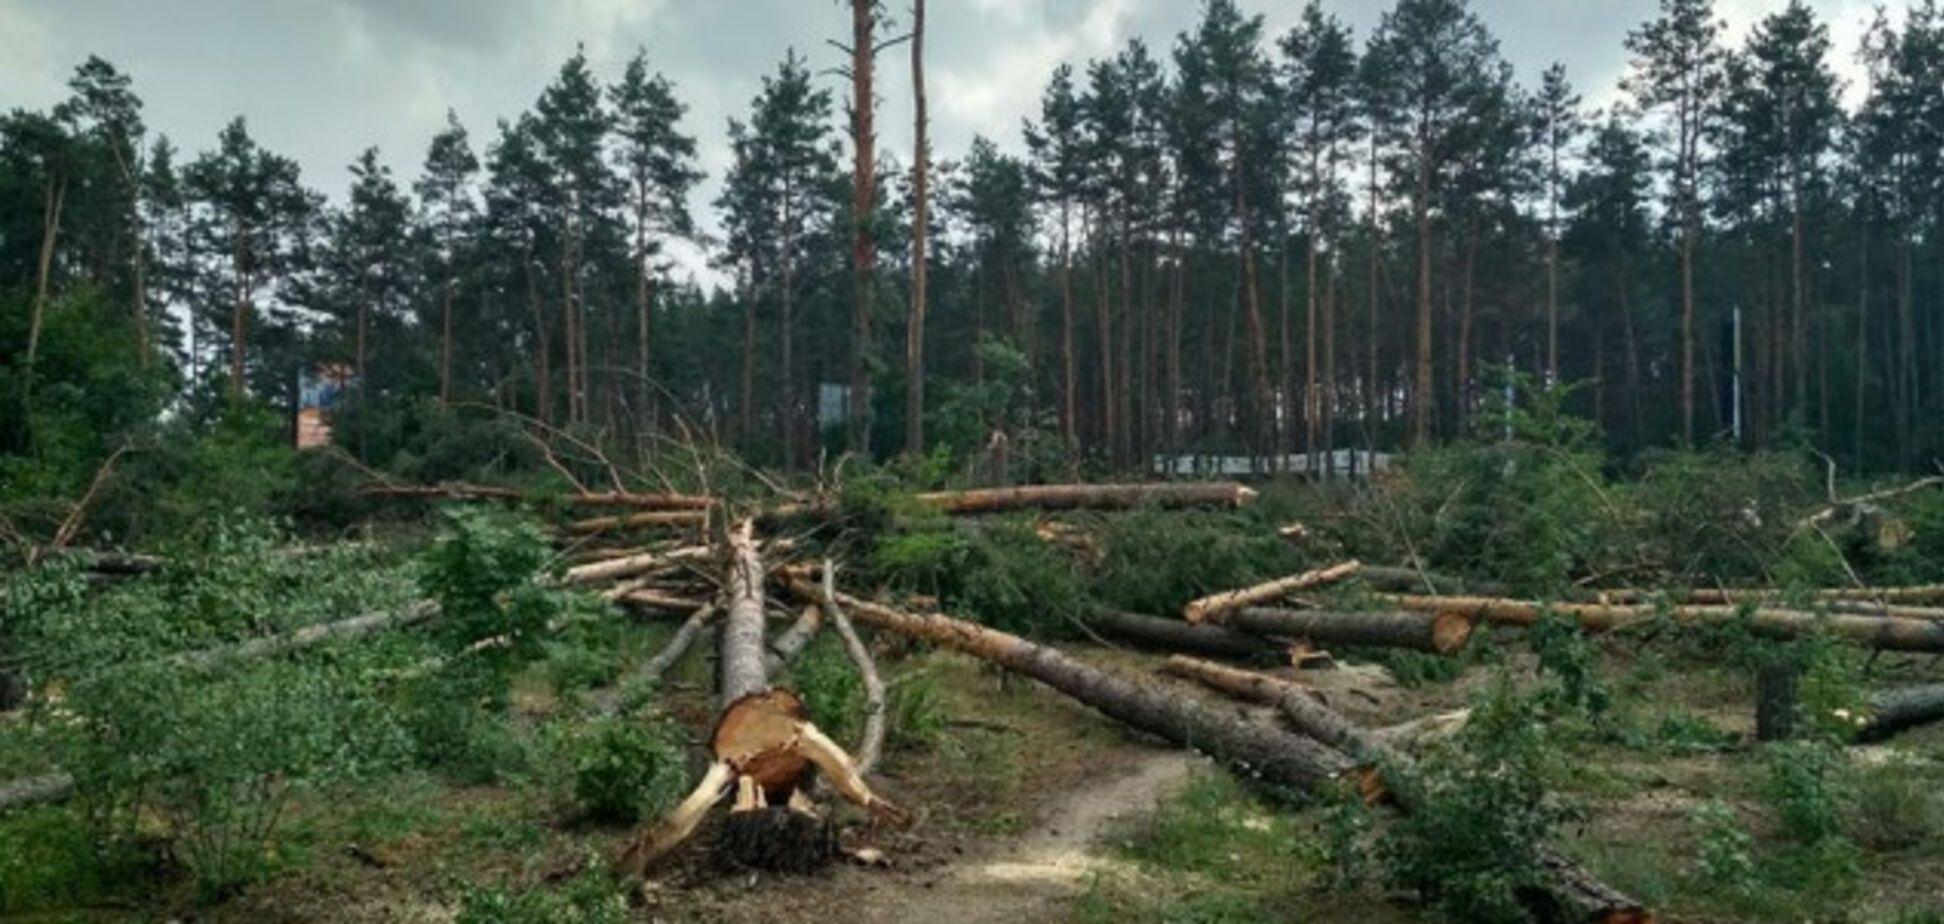 Під Києвом вирубали величезну ділянку лісу: фото і відео